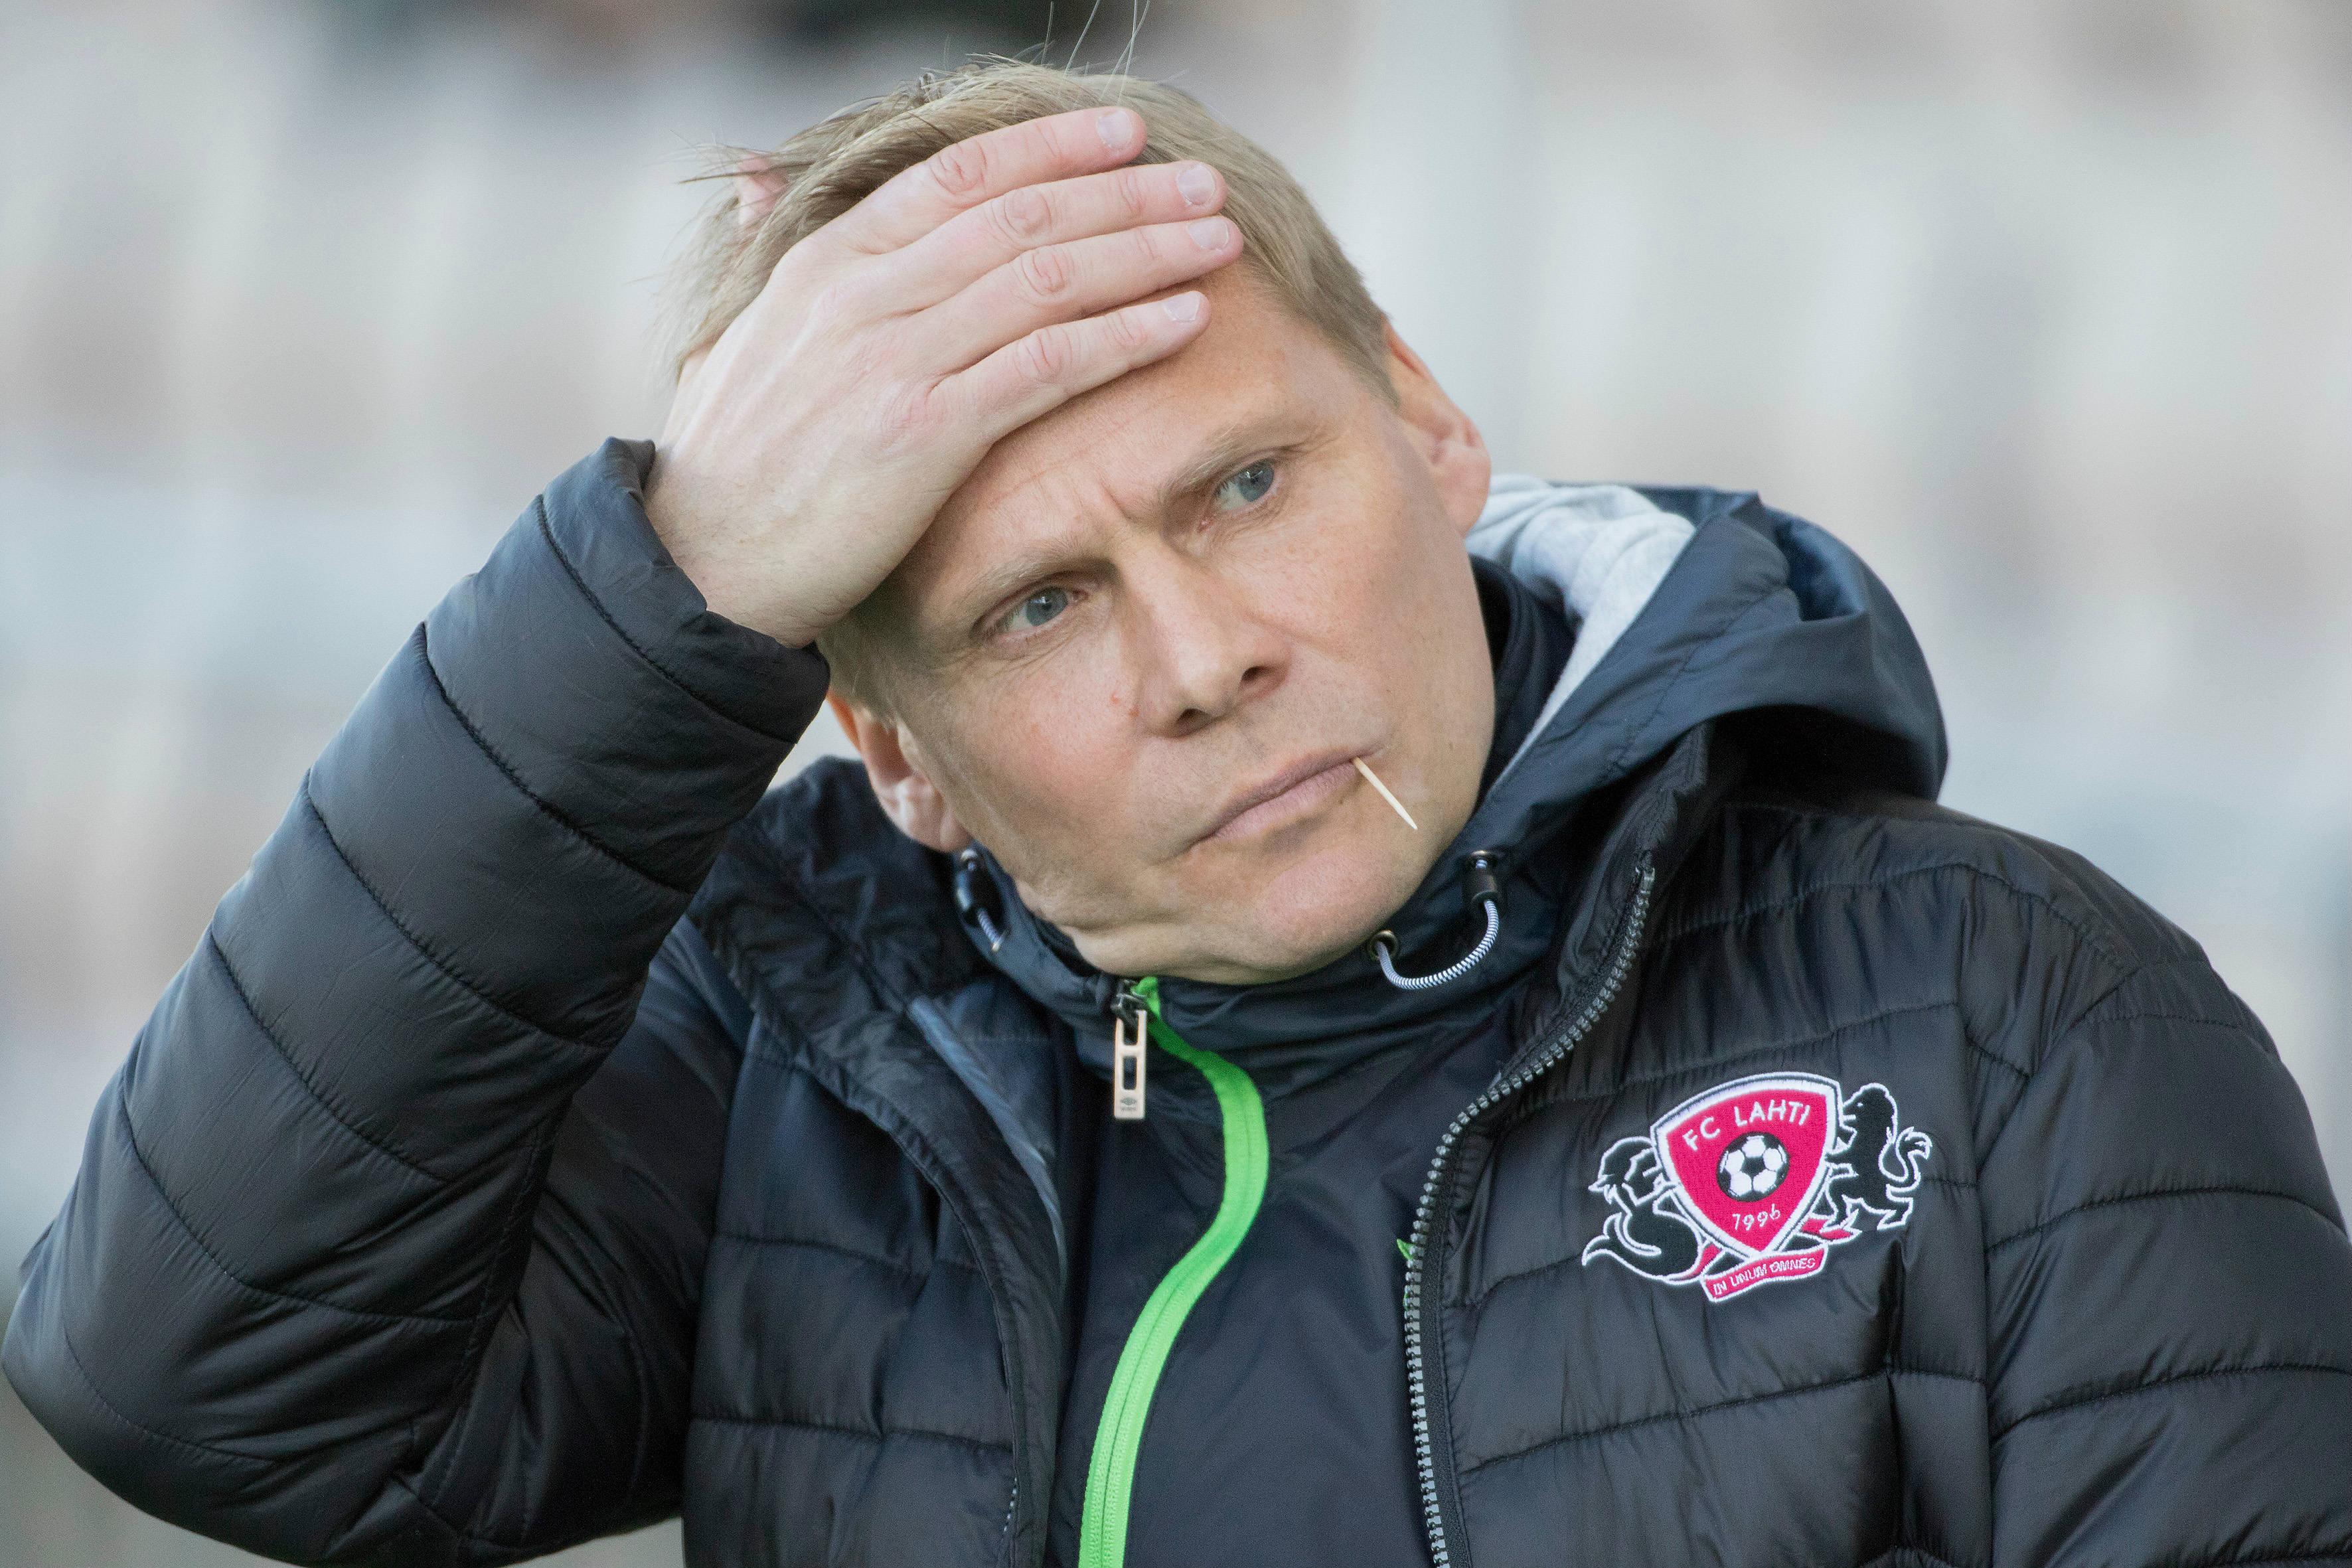 Toni Lahti